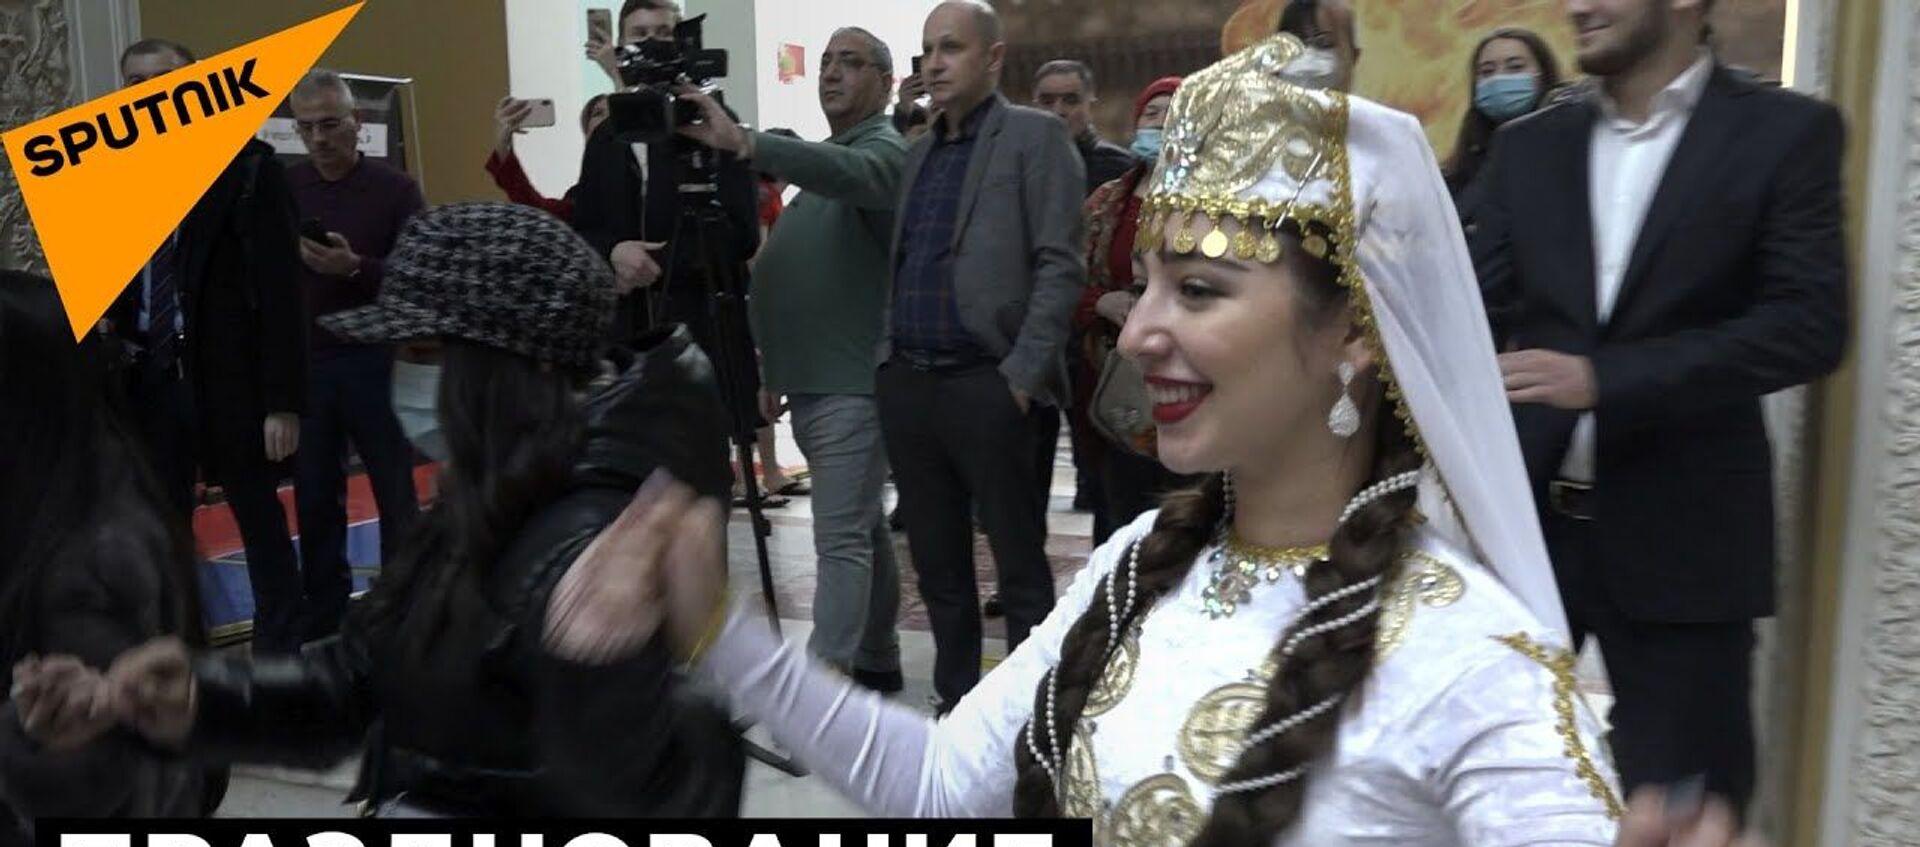 Навруз в Москве встретили плясками и хороводами - видео - Sputnik Таджикистан, 1920, 21.03.2021